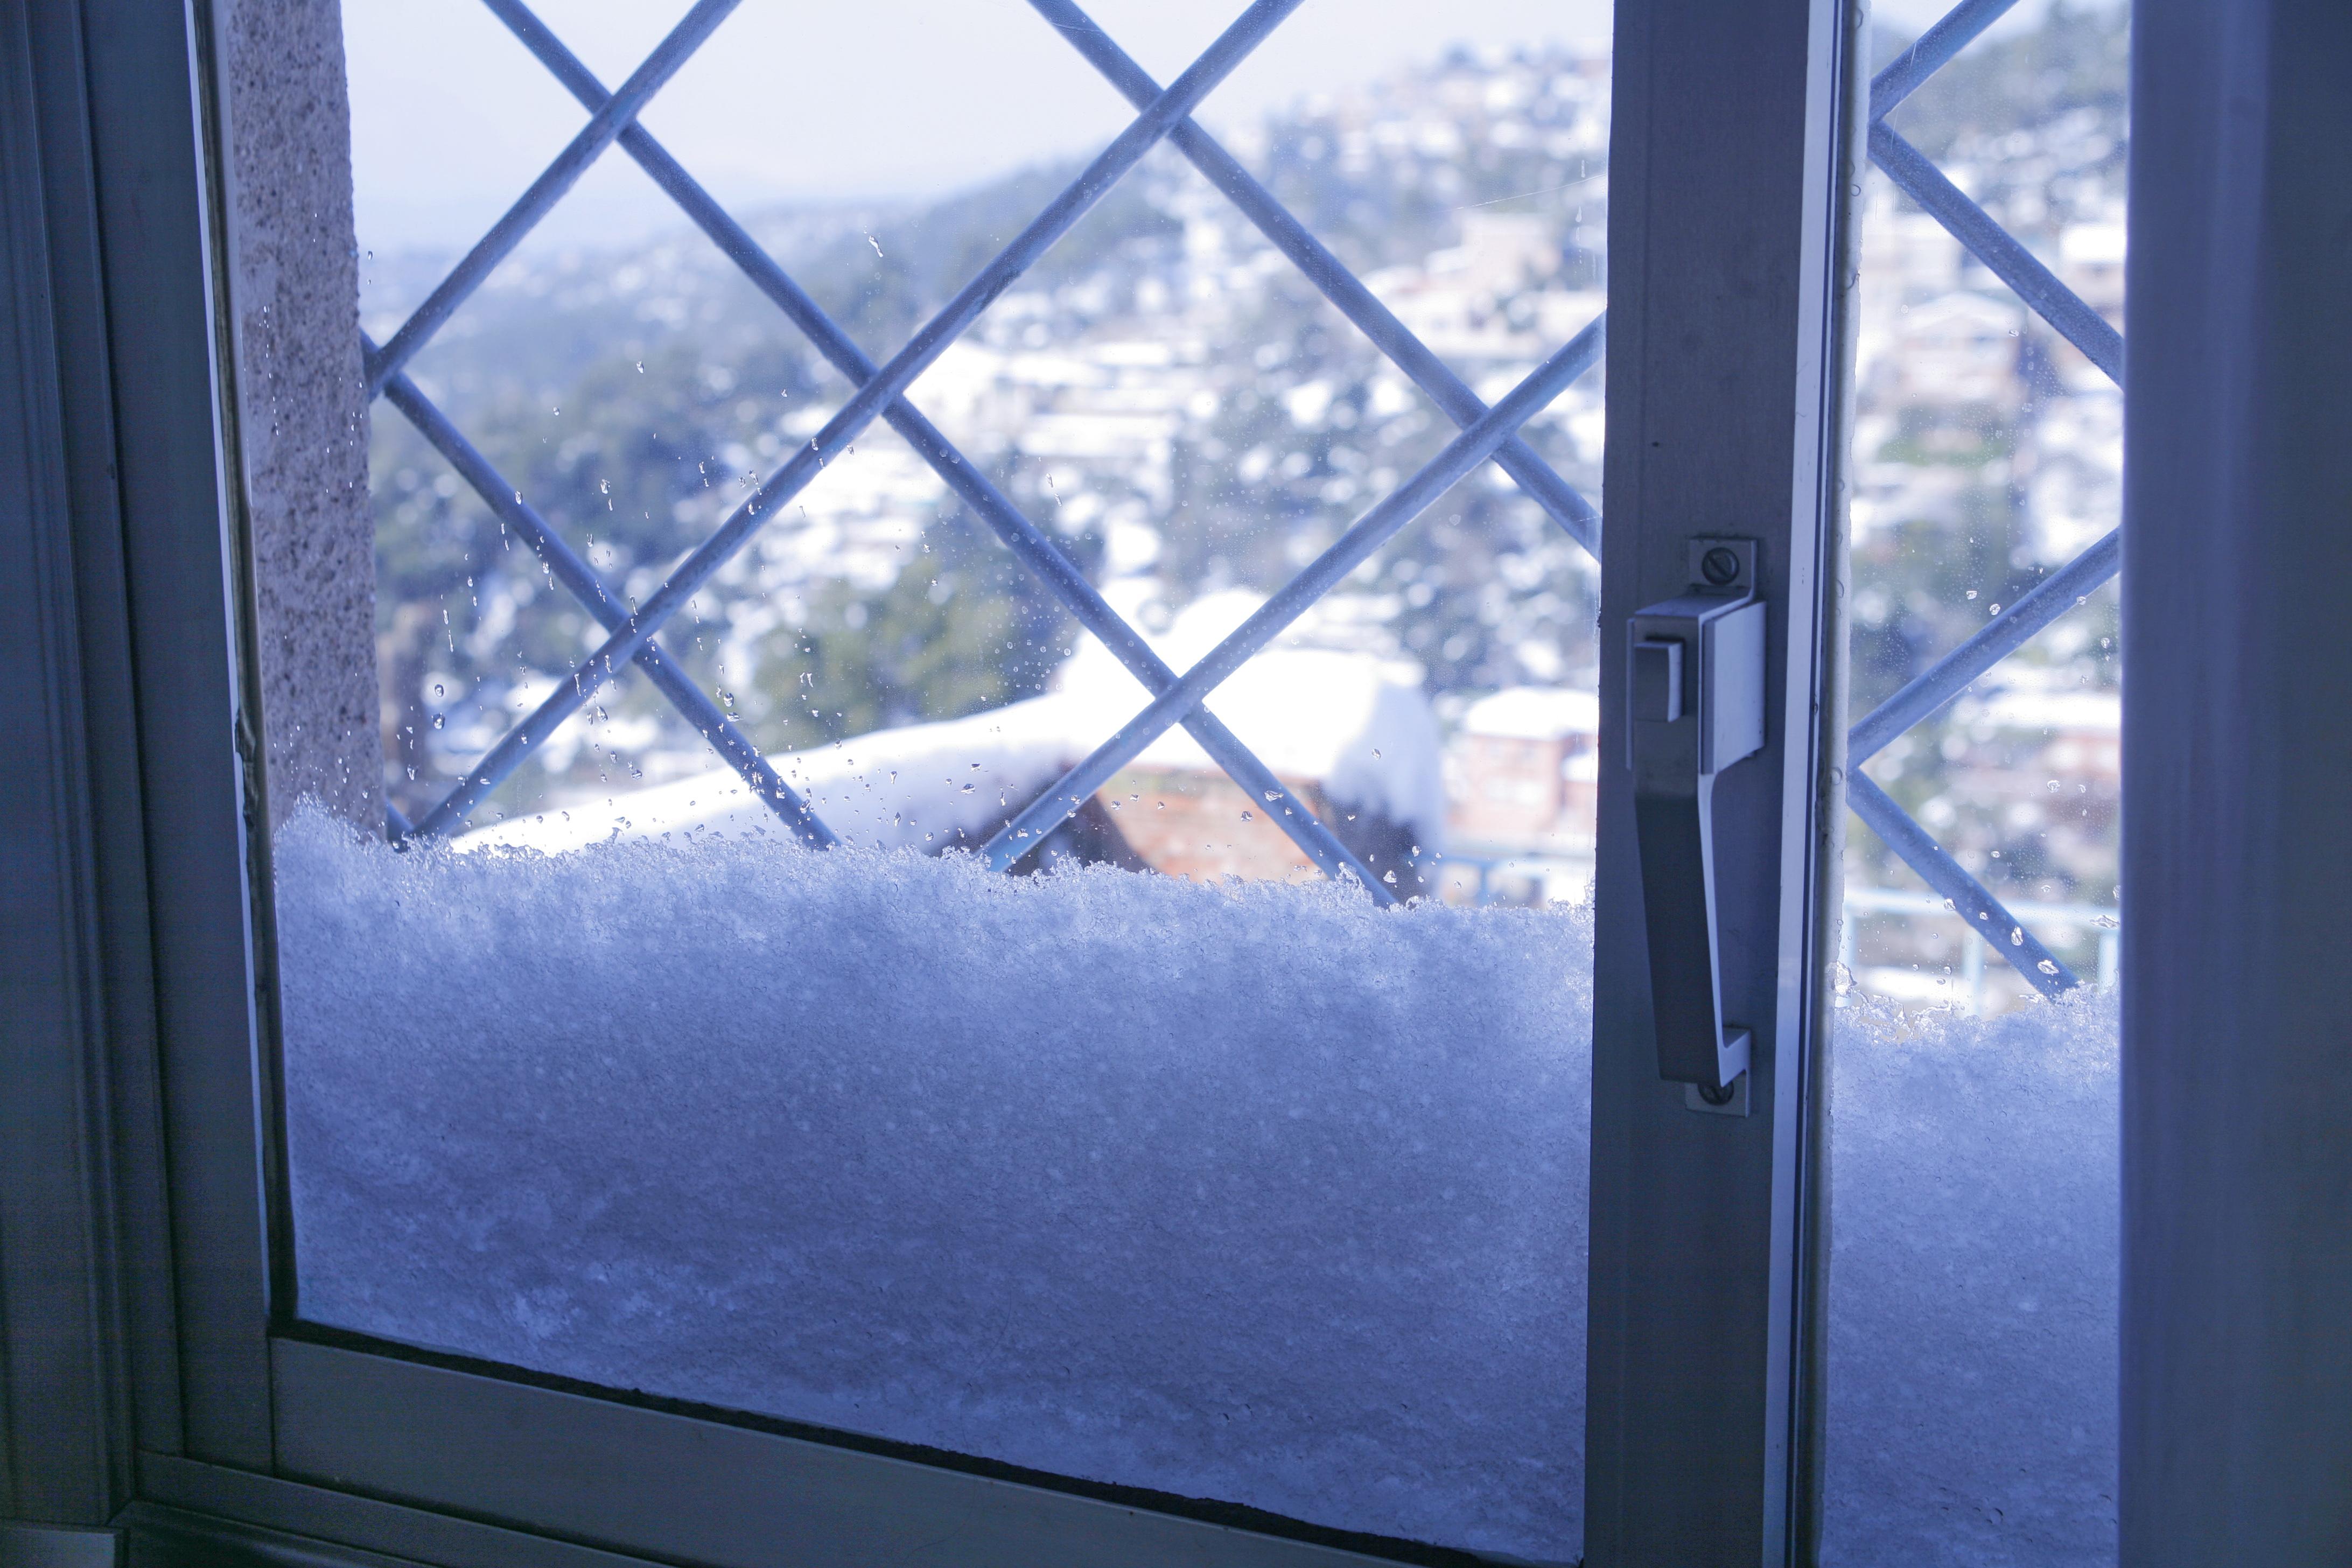 Como Aislar Ventanas Correderas Del Frio Finest Cepillo Se  ~ Aislar Ventanas De Aluminio Del Frio